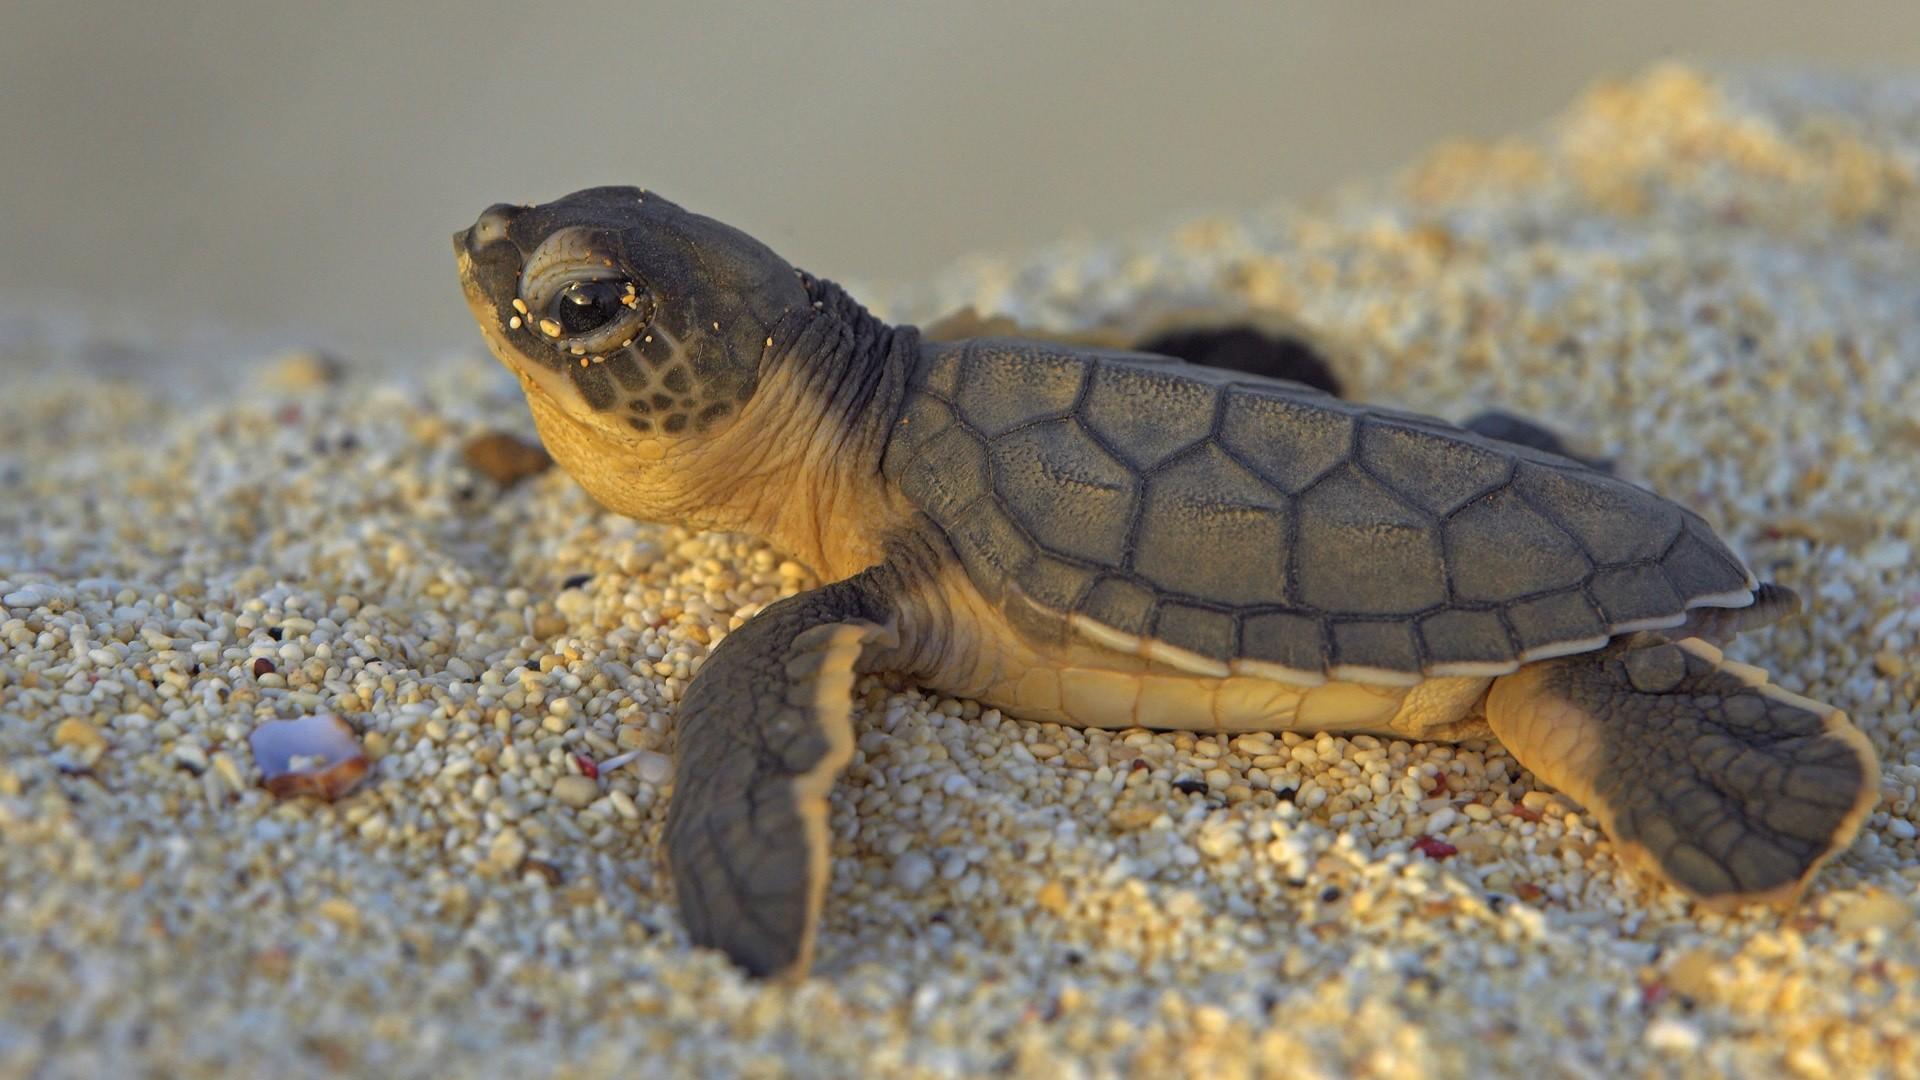 1920 x 1080 · 521 kB · jpeg, Cute Baby Sea Turtles Desktop Wallpaper